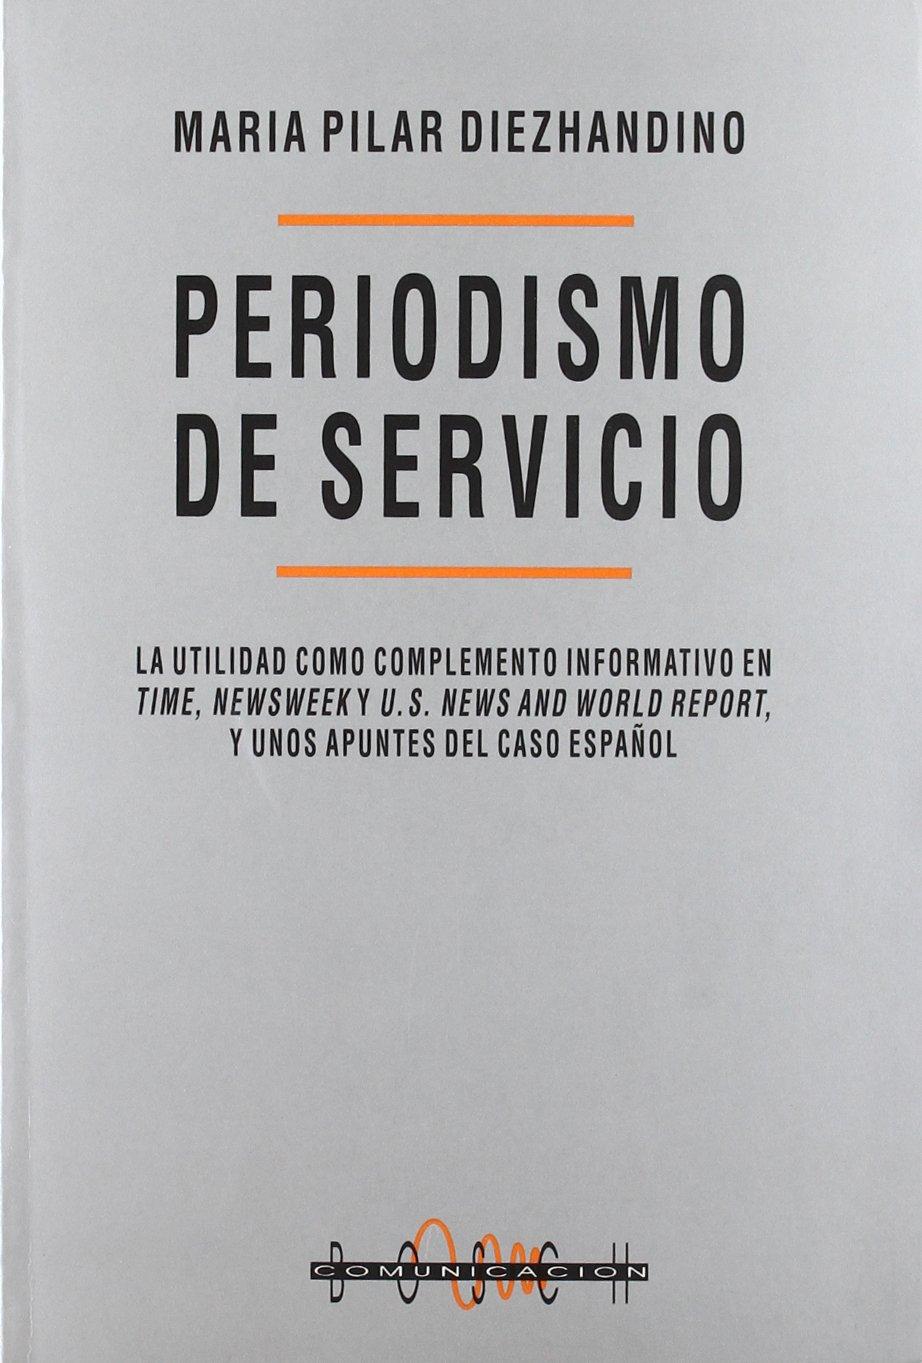 Periodismo de servicio: La utilidad como complemento informativo en Times, Newsweek y US World Report y unos apuntes del caso español (Comunicacion) Tapa blanda – 29 feb 2008 M.P. Diezhandino Nieto Bosch 8476762933 Media Studies